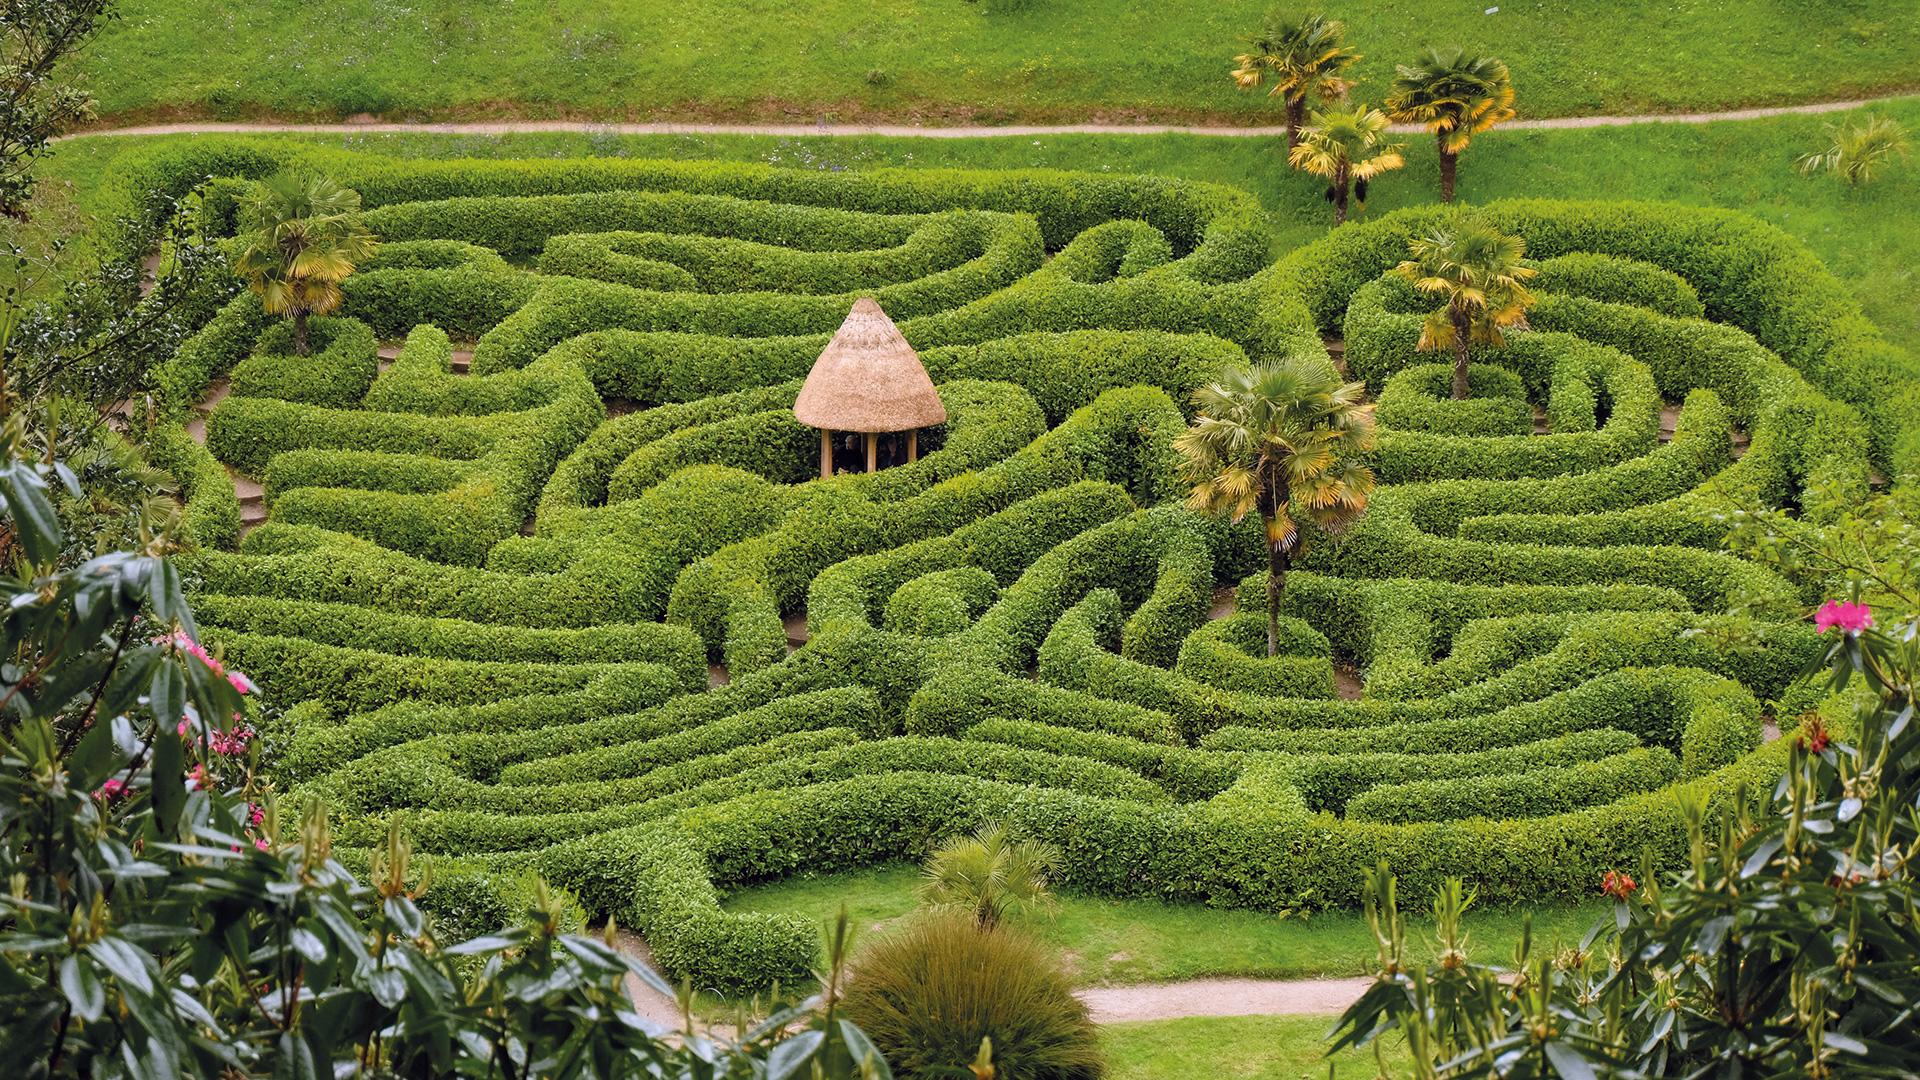 Gärten In Cornwall ic naturreise süd cornwall gärten landschaften